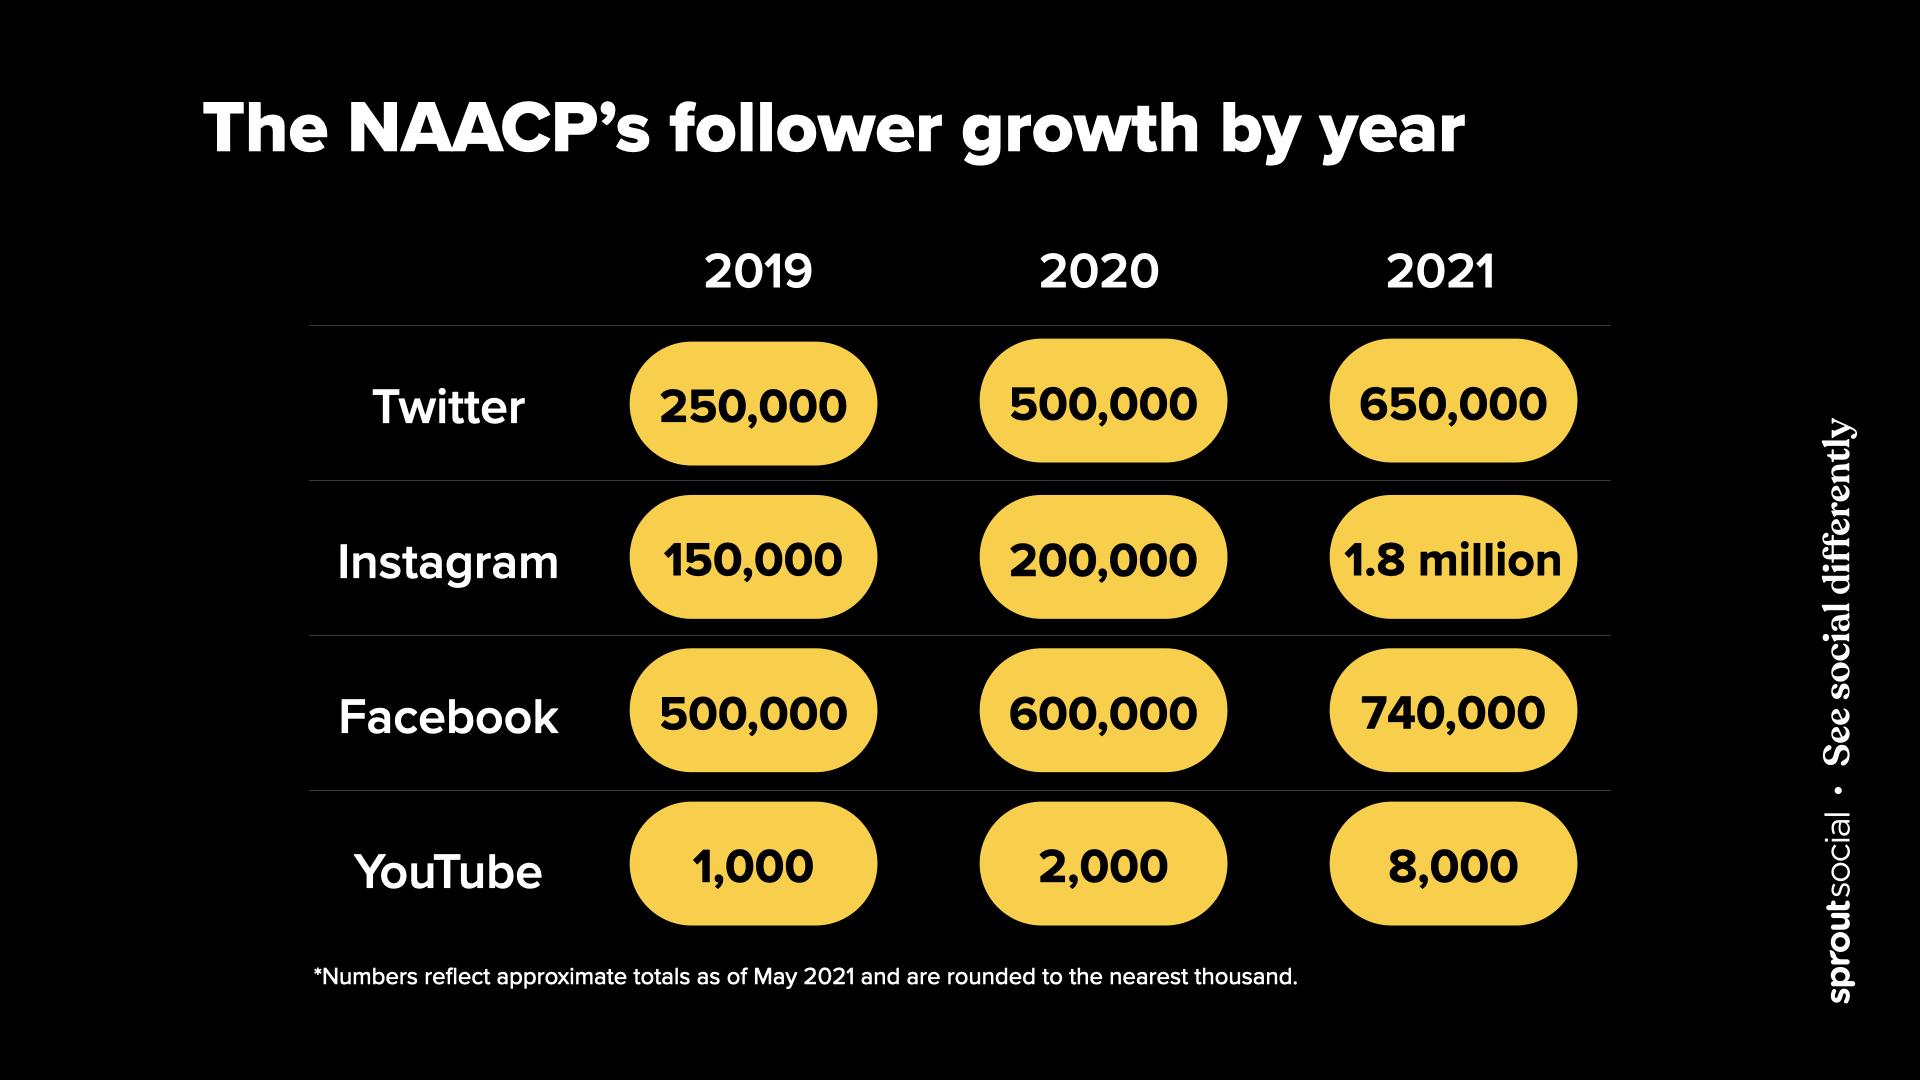 Tabla de crecimiento de suscriptores sociales de NAACP de mayo de 2019 a mayo de 2021